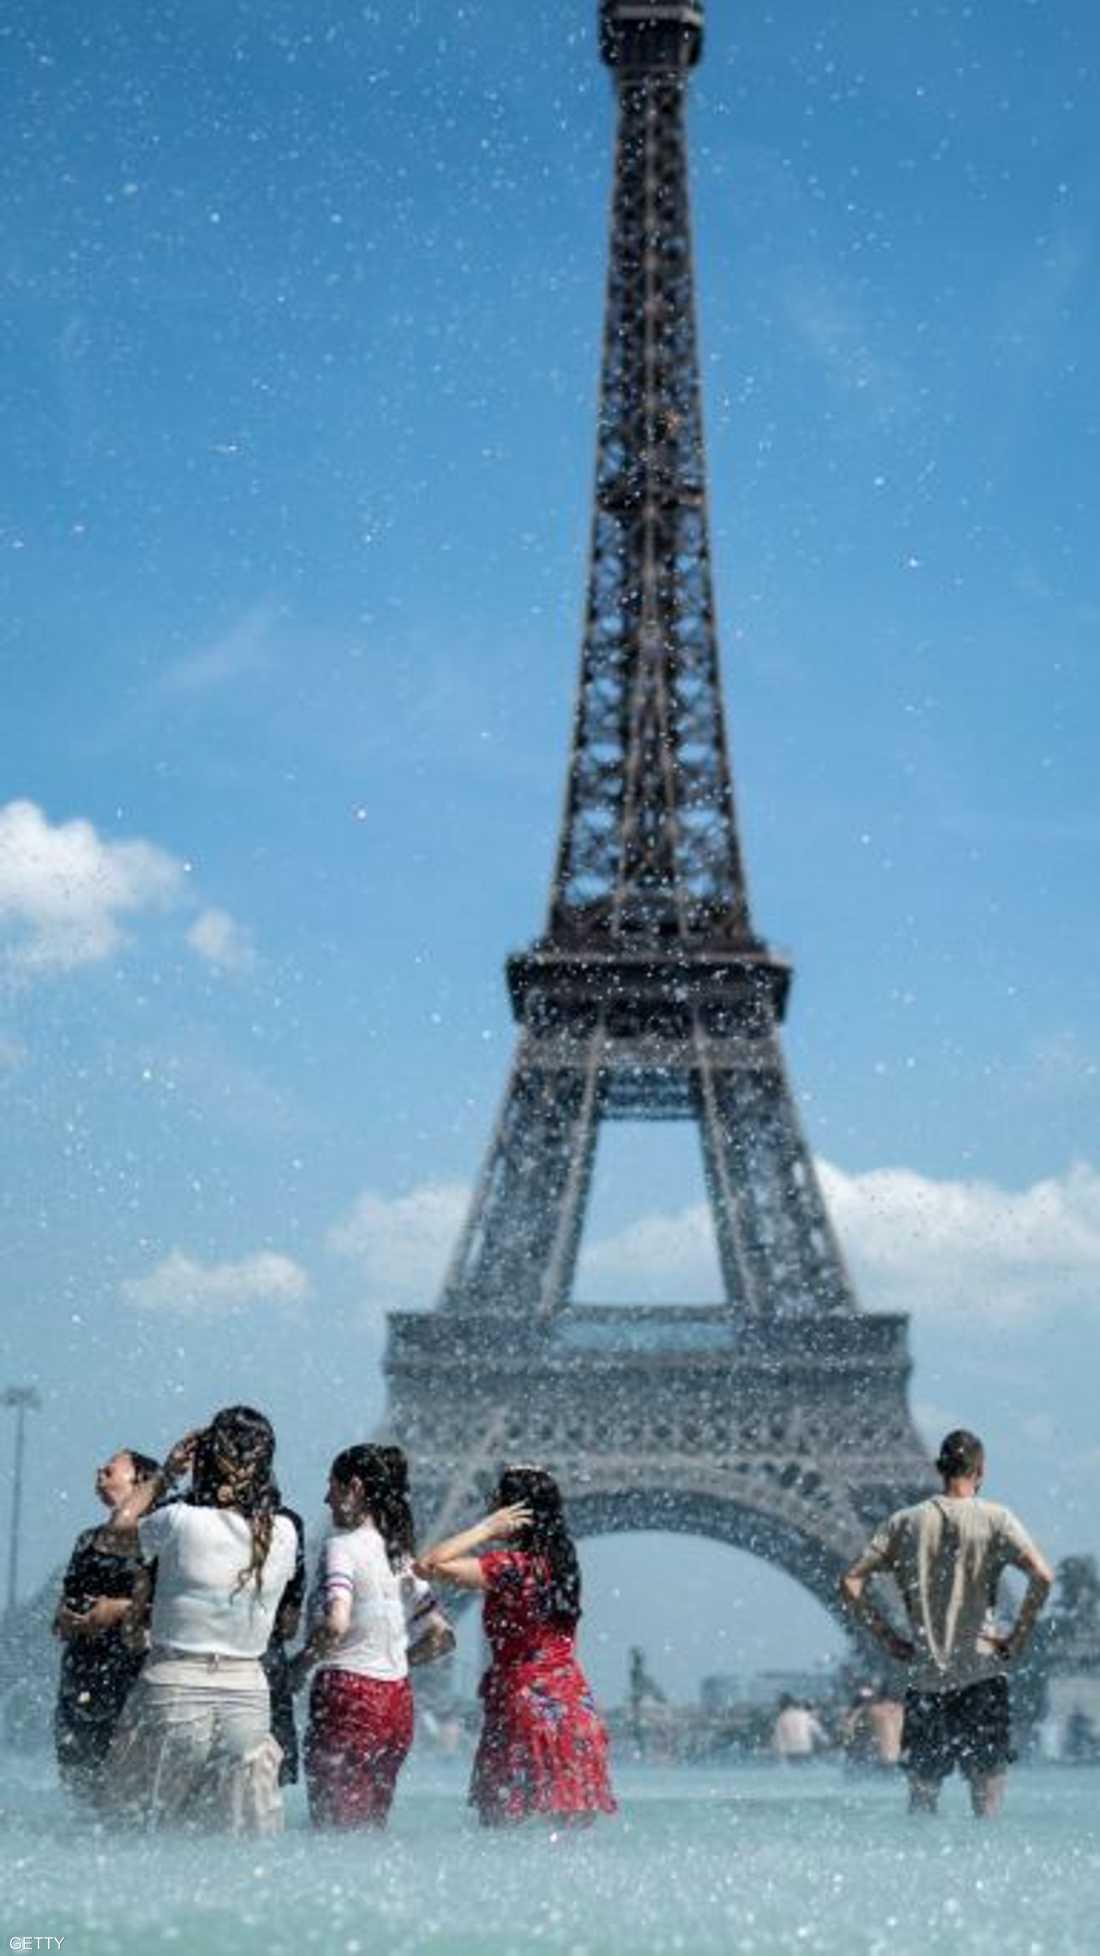 تعيش أوروبا على وقع موجة حر غير مسبوقة، قد تحطم أرقاما قياسية في عدد من الدول، فيما يحذر الخبراء من خطورة هذا الطقس.